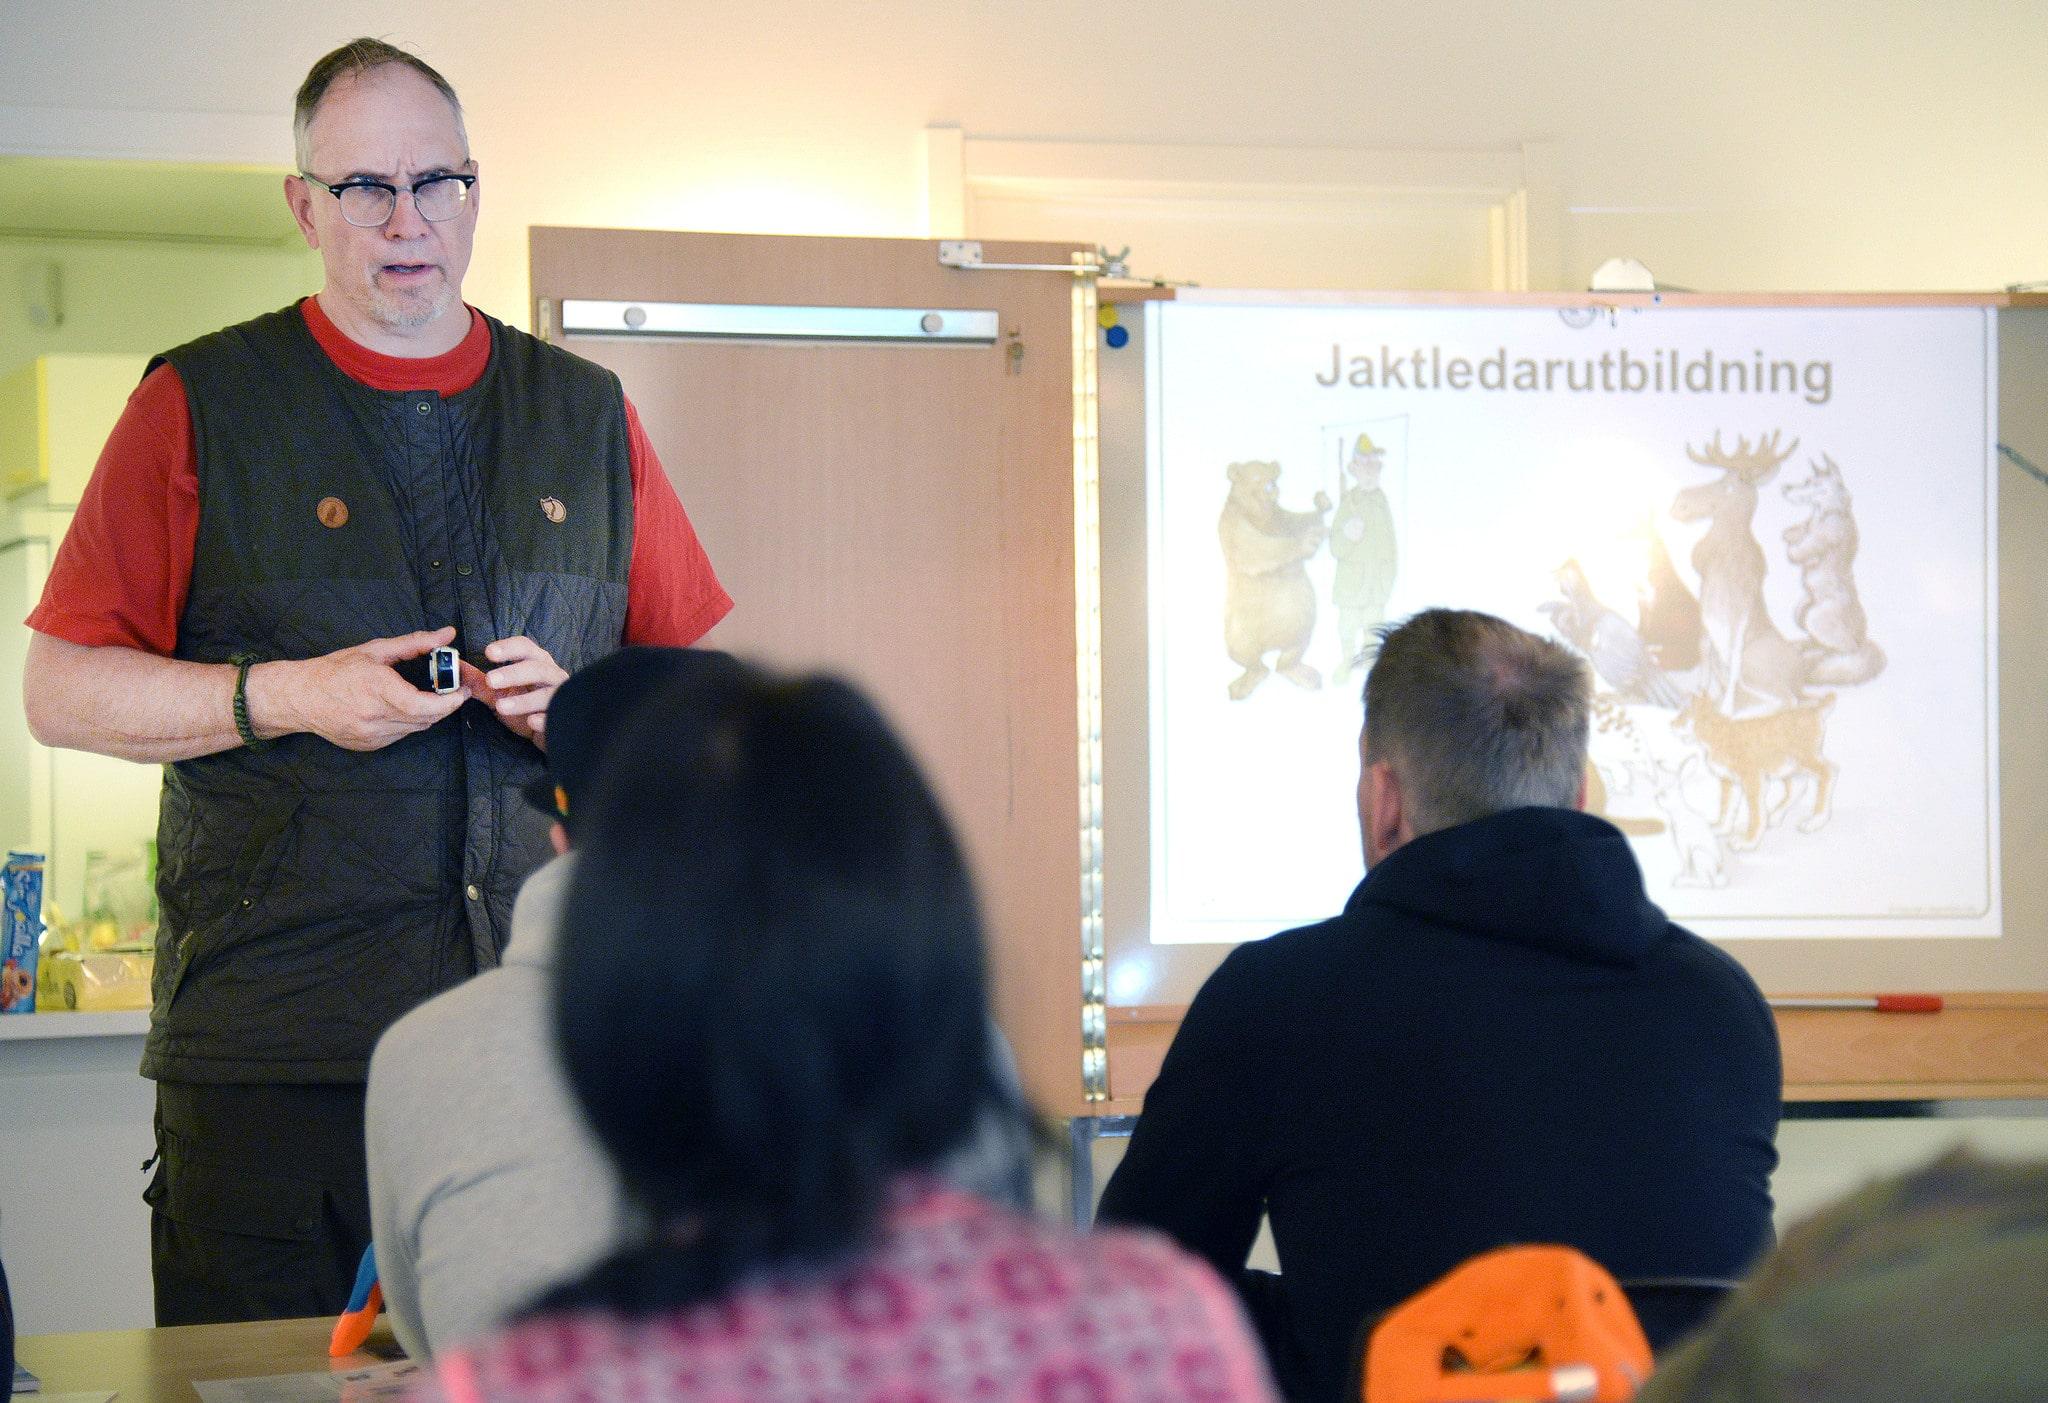 Jaktledarutbildningen är en av Jägareförbundets äldsta och mest populära utbildningar. Här är det jaktvårdskonsulent Niklas Lundberg som är kursledare.